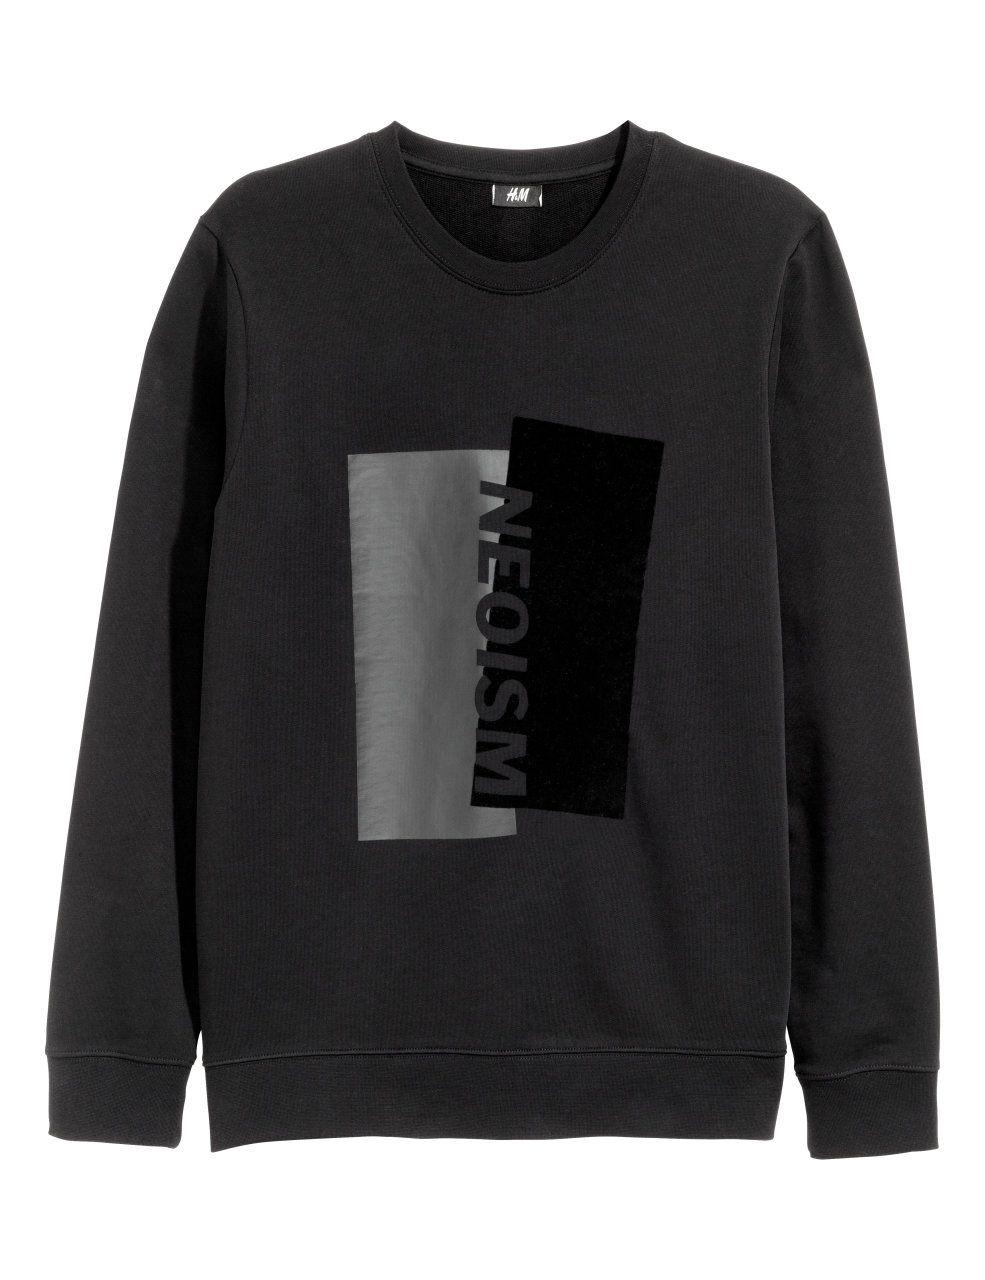 Kolla in det här! En långärmad tröja i sweatshirtkvalitet med tryck ... bb17e9c41ab11